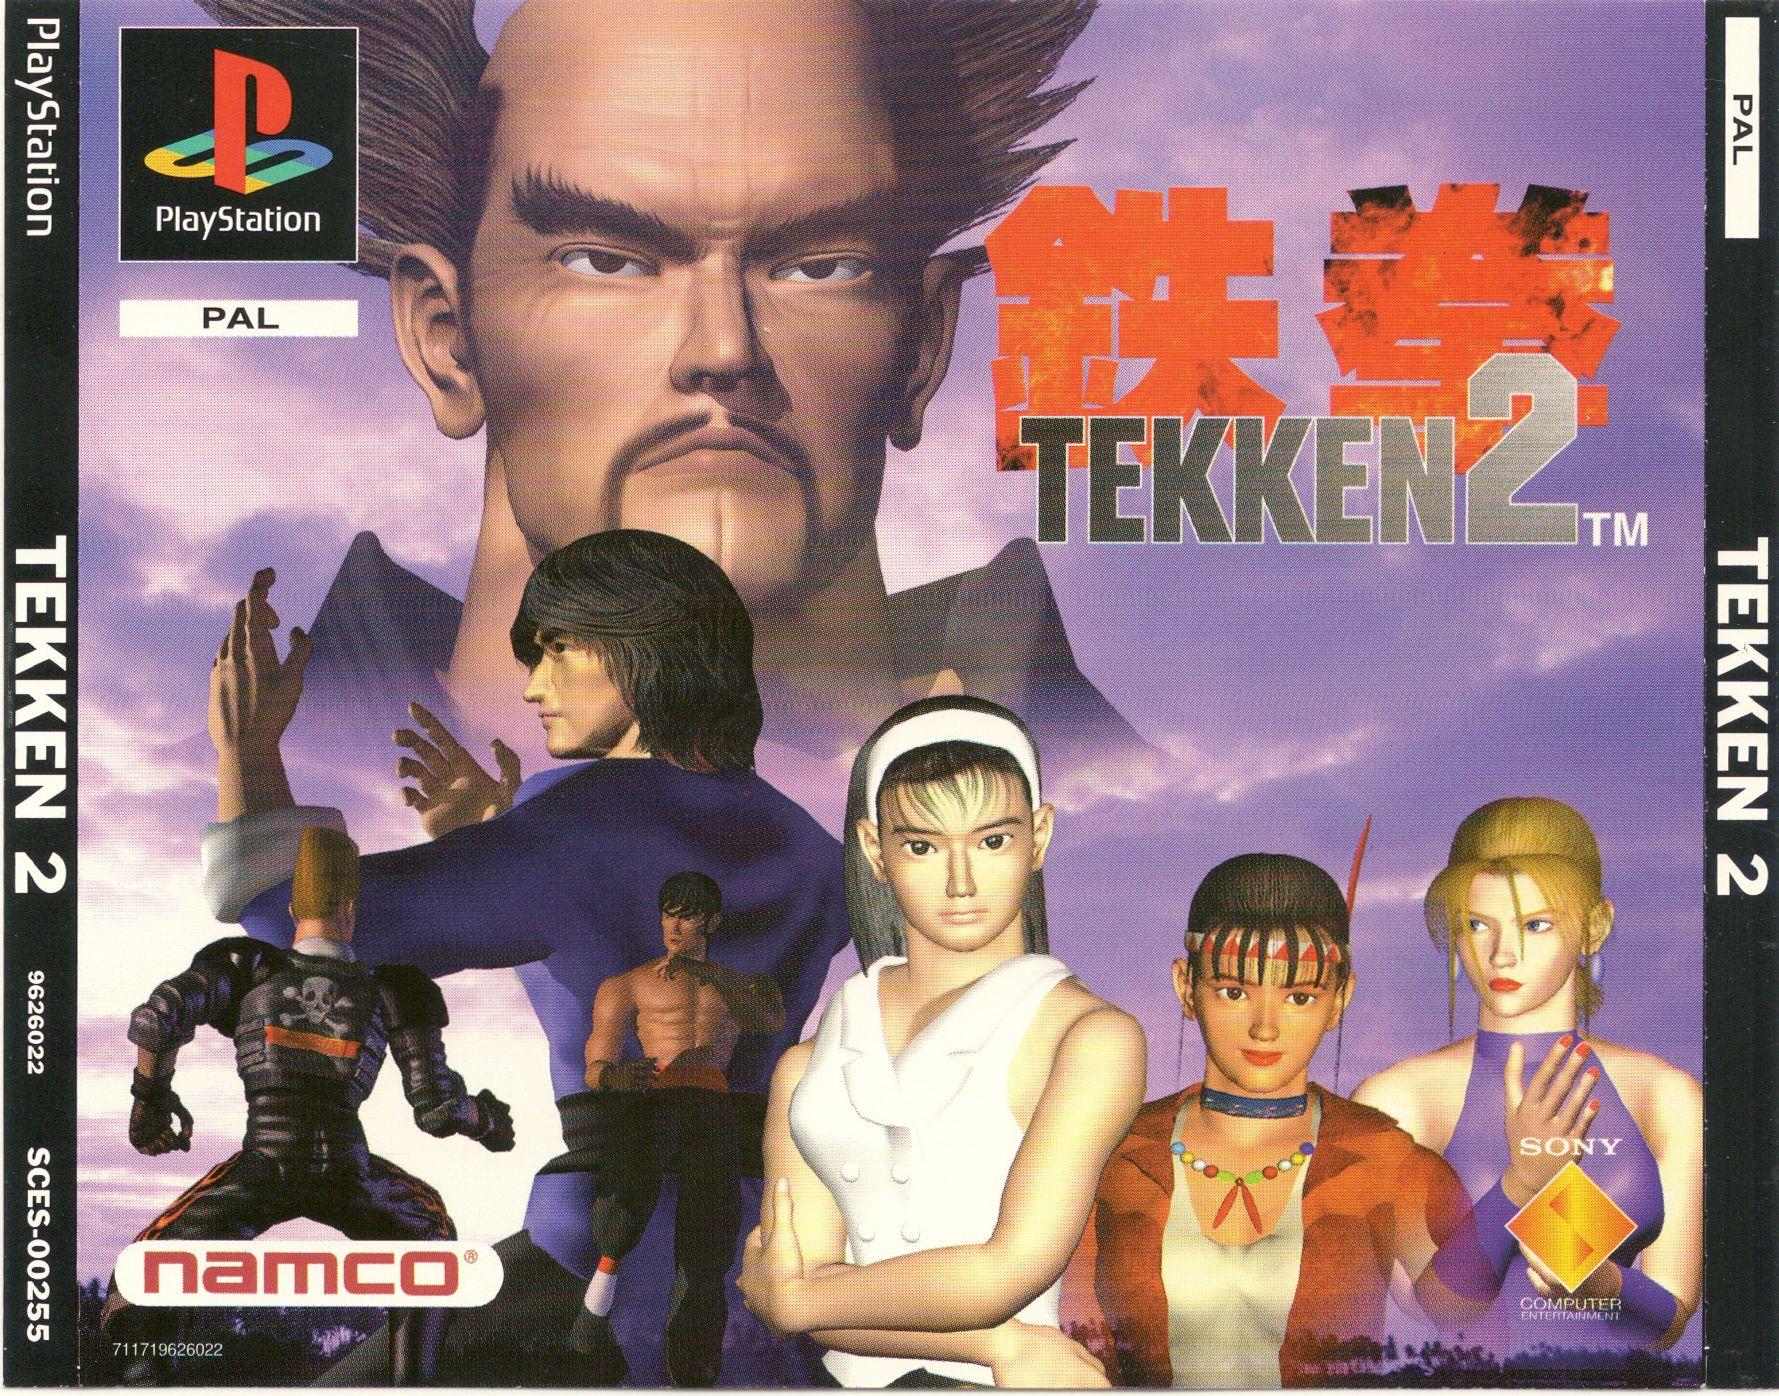 Tekken 2 [SCES-00255]